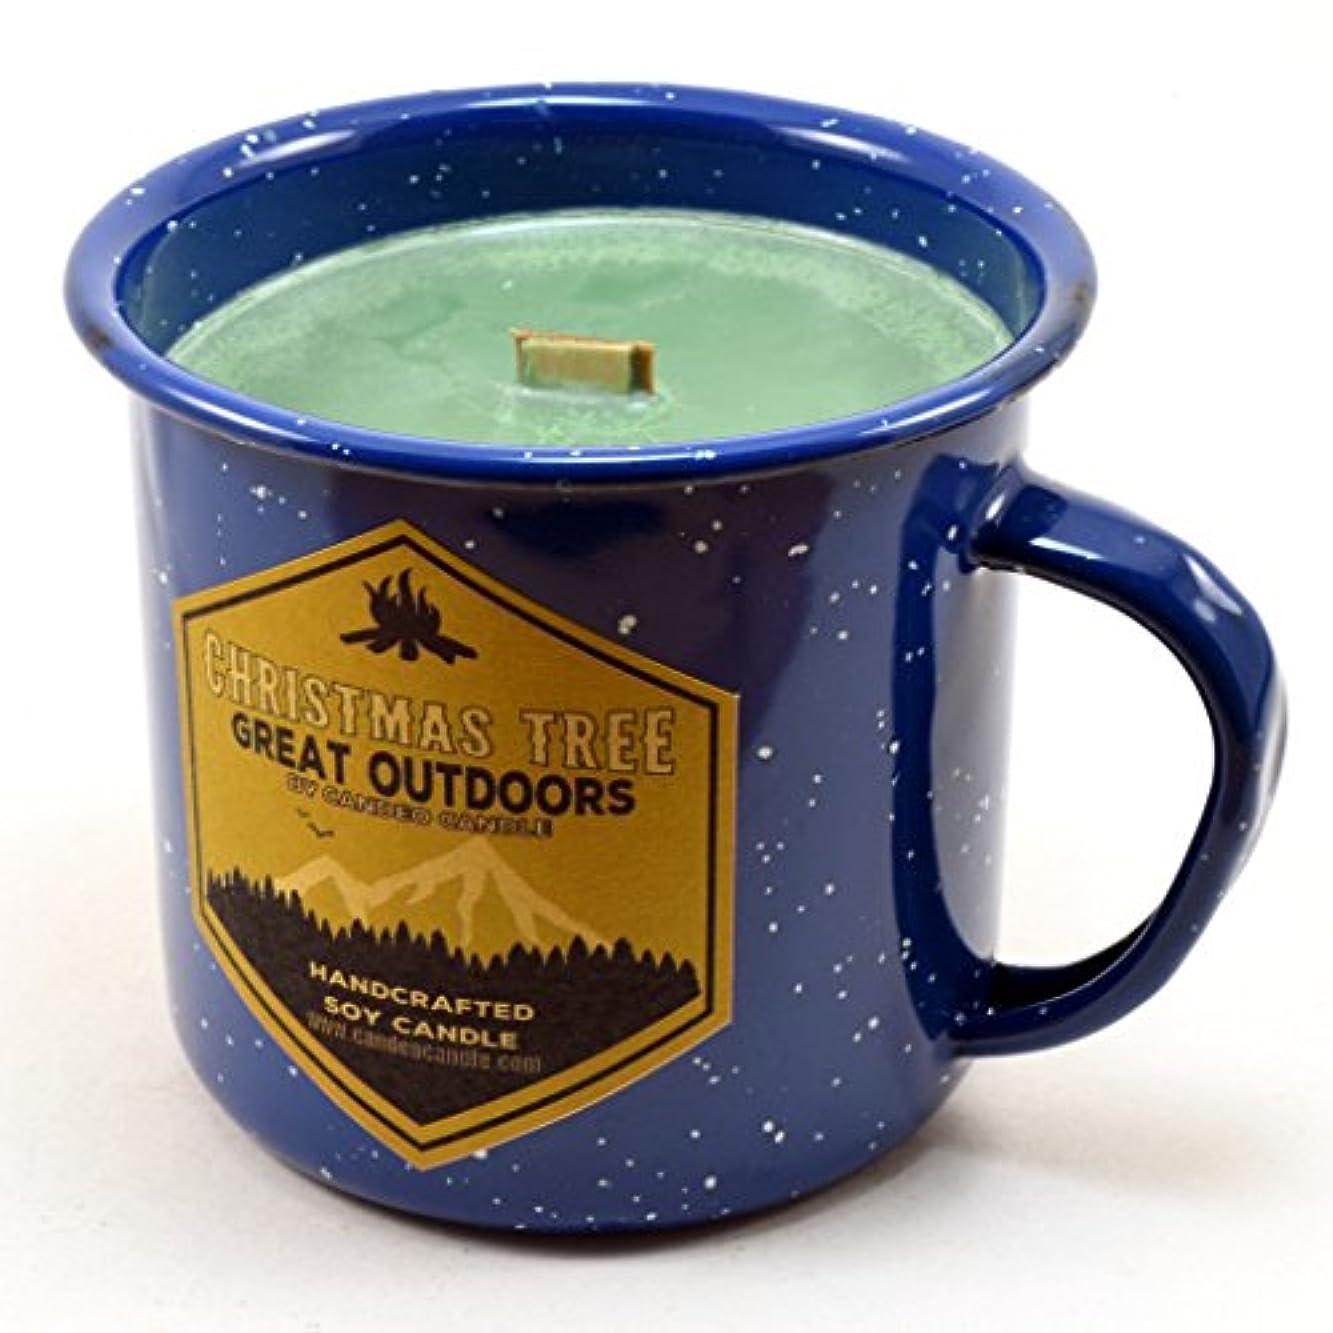 毎月強調する歯科医クリスマスツリーウッド芯Soy Candle in anエナメルキャンプマグカップ、10オンス